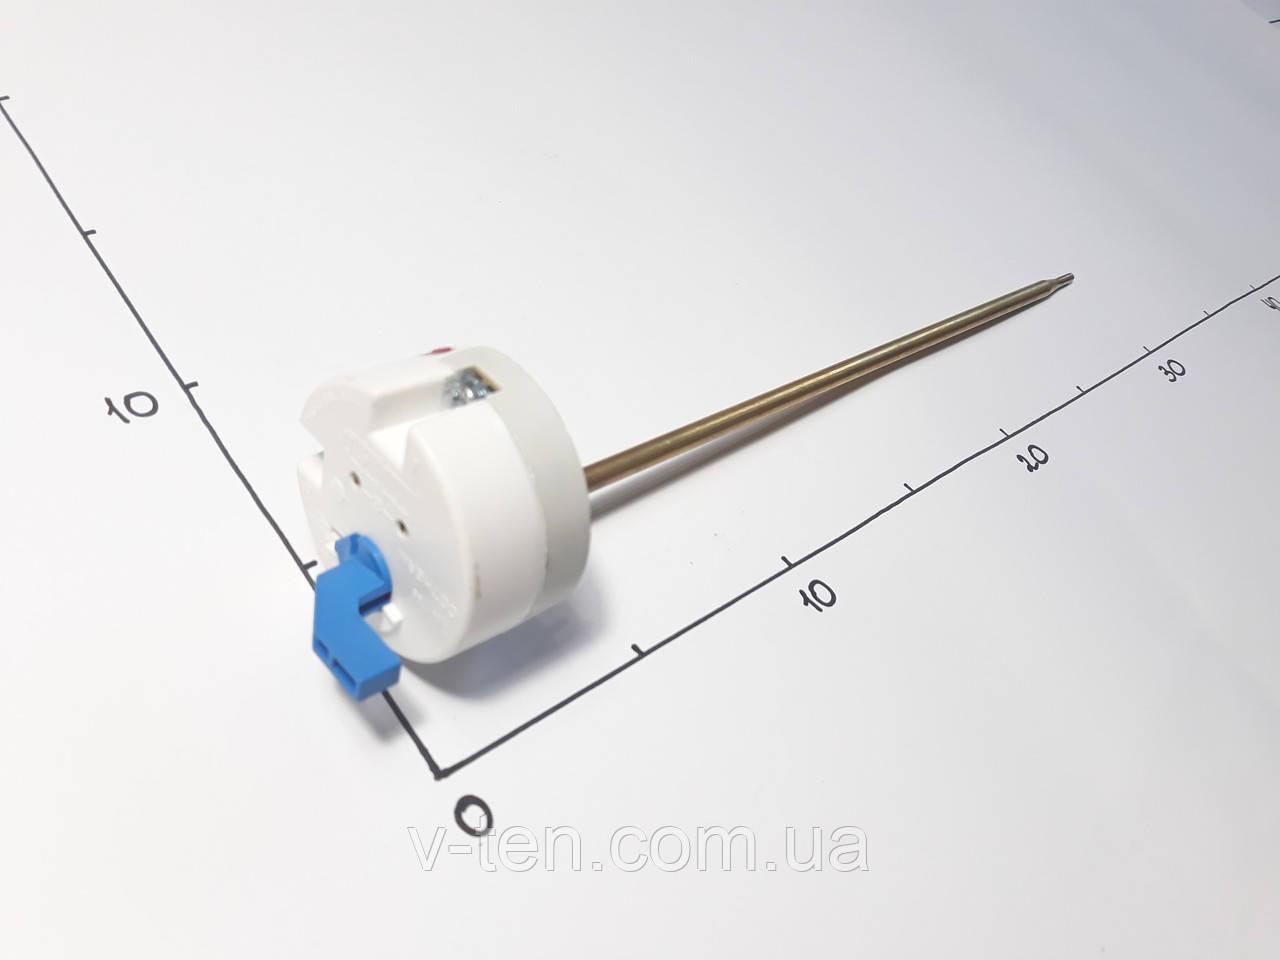 Терморегулятор для бойлера 16А с защитой и флажком Cotherm (Франция)